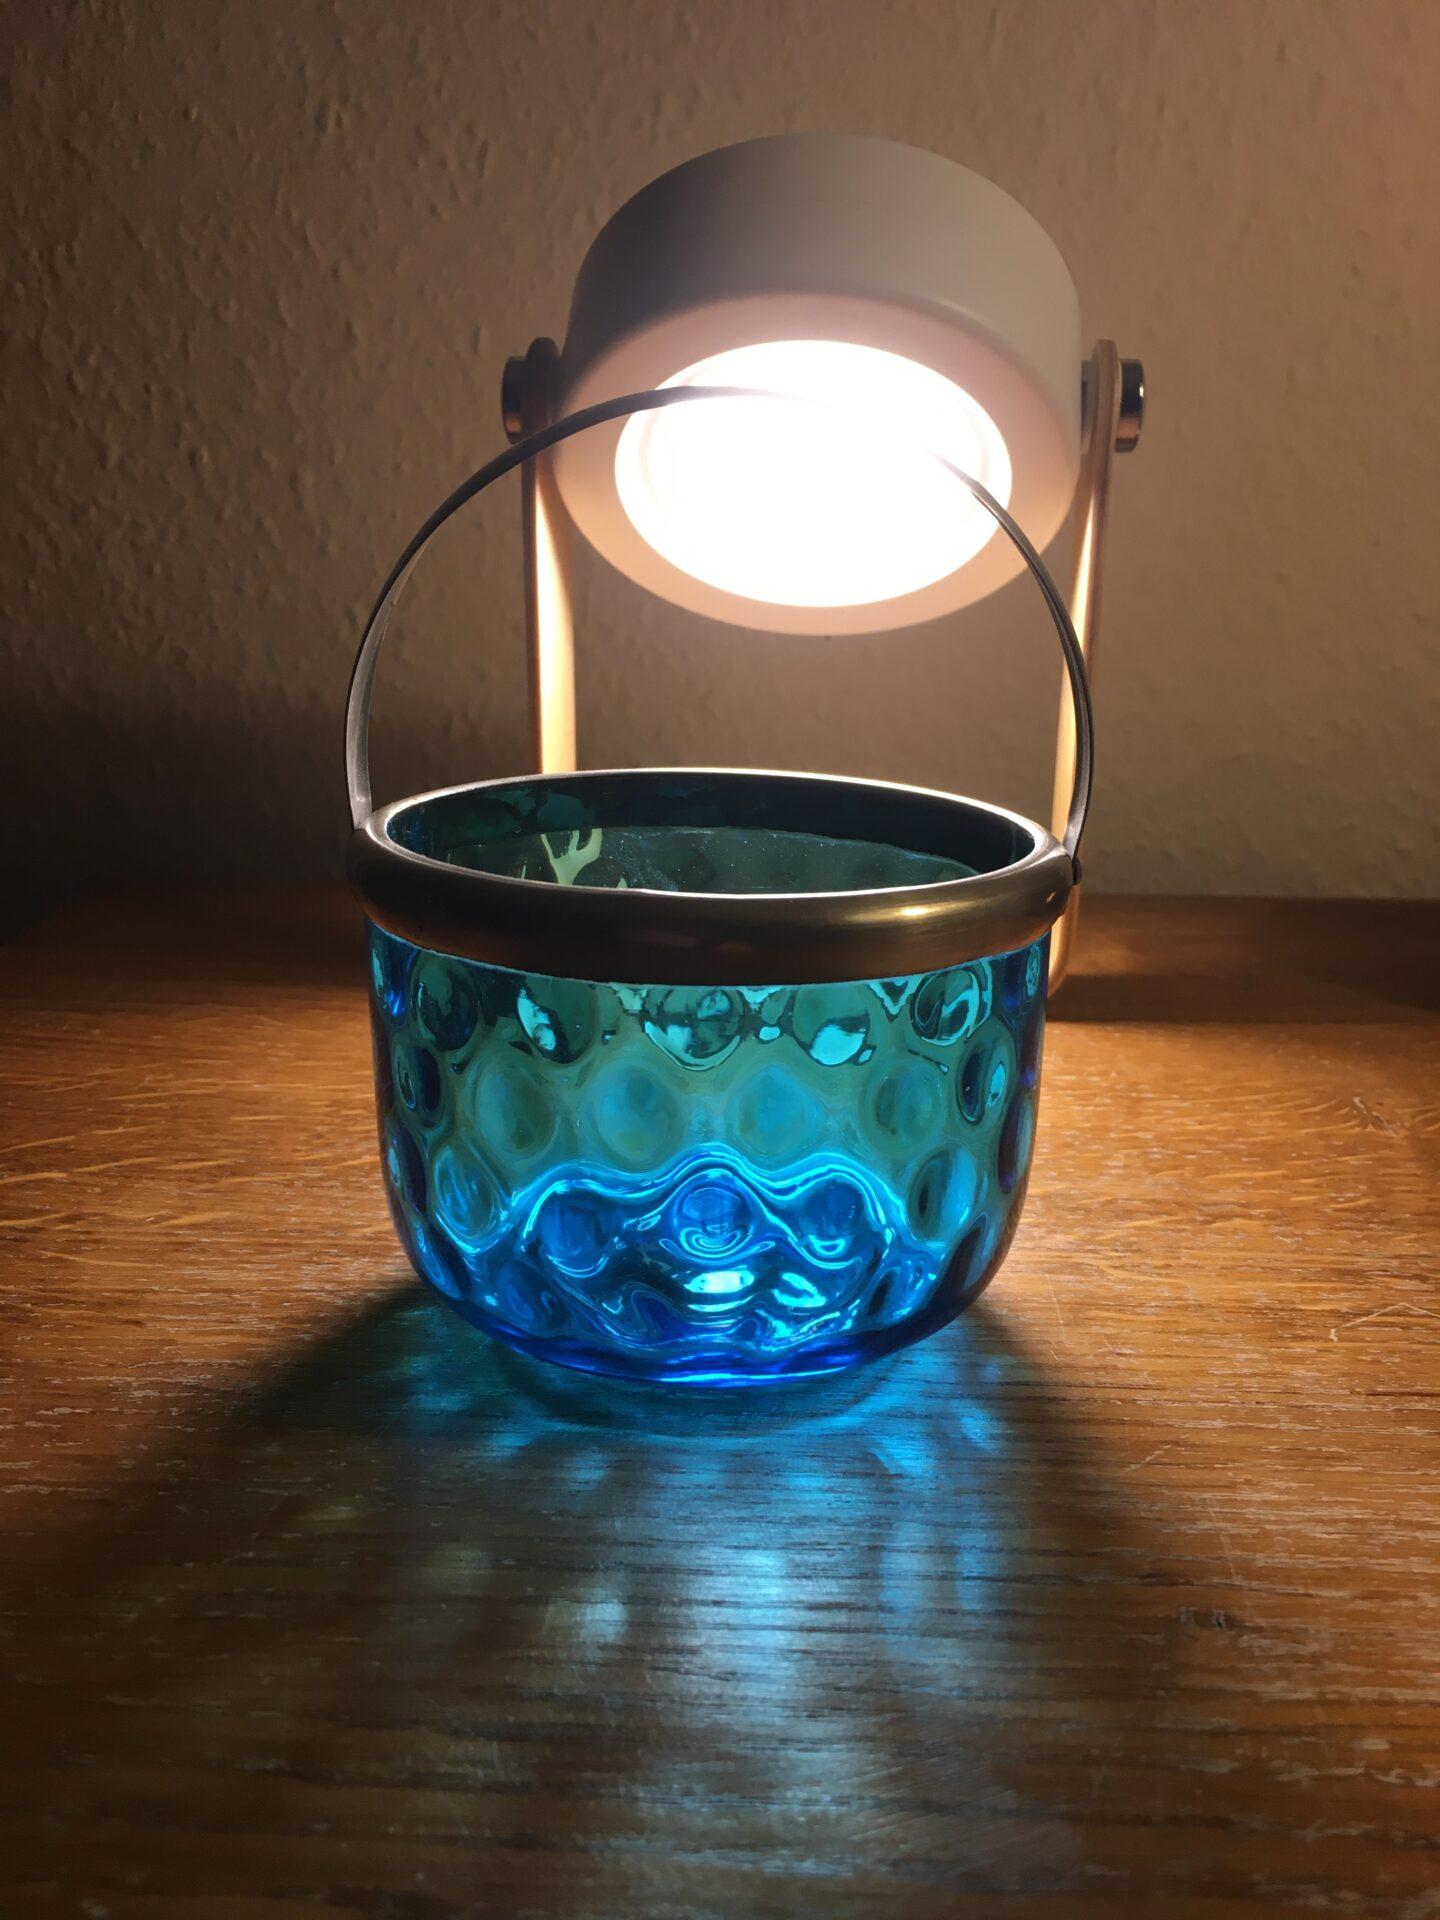 Antik sukkerskål ag fugleøjeglas med hank af nikkel (antageligt Fyens Glasværk). pris 400kr